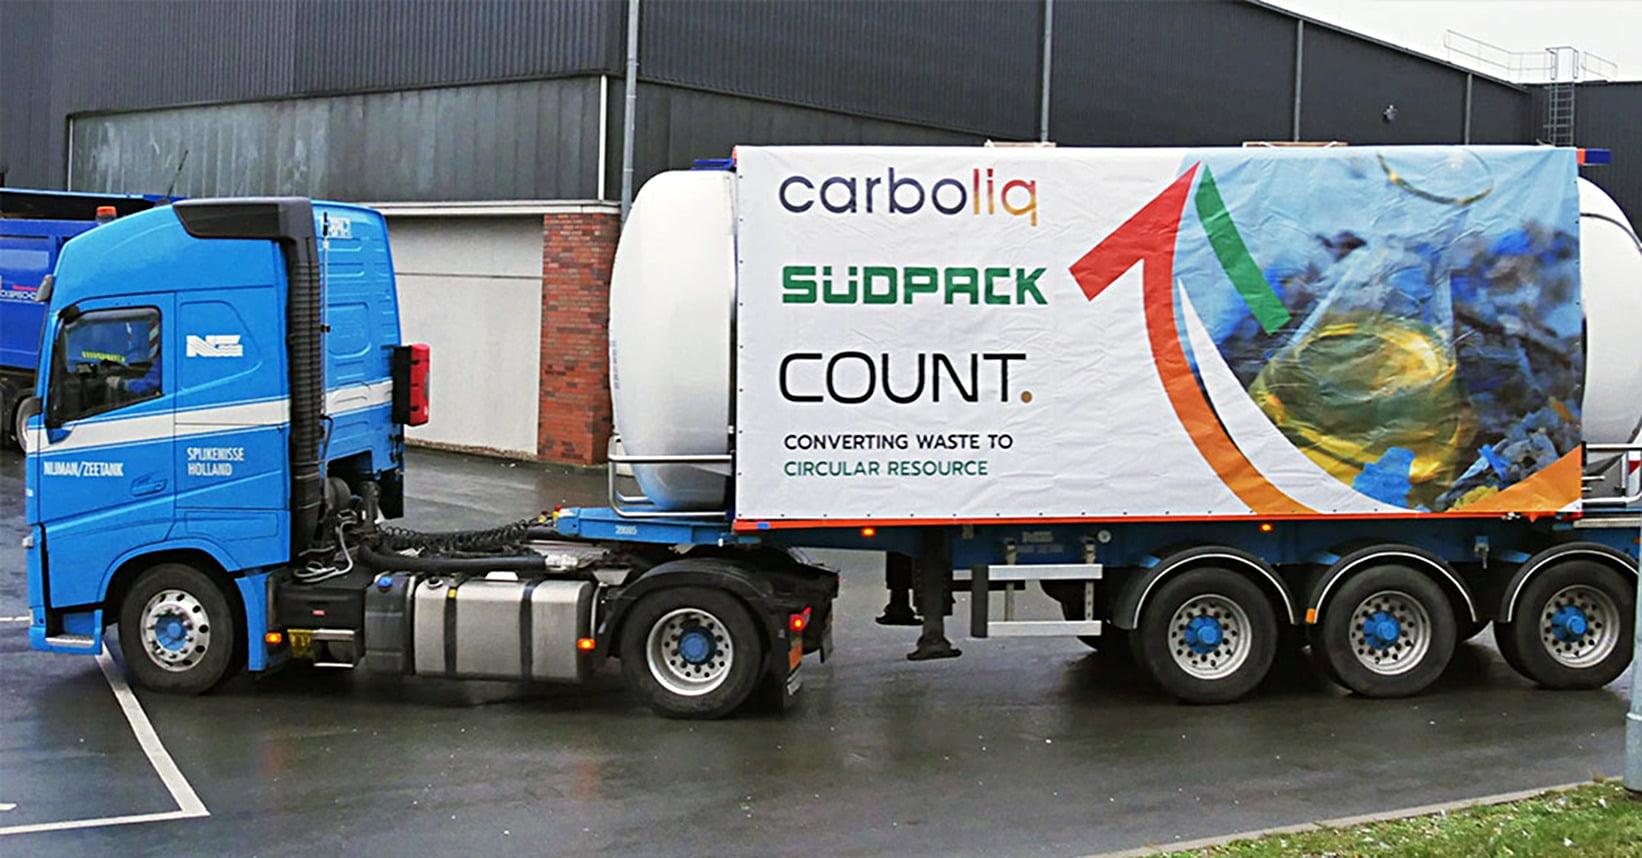 Sdpack Corporate Initiative